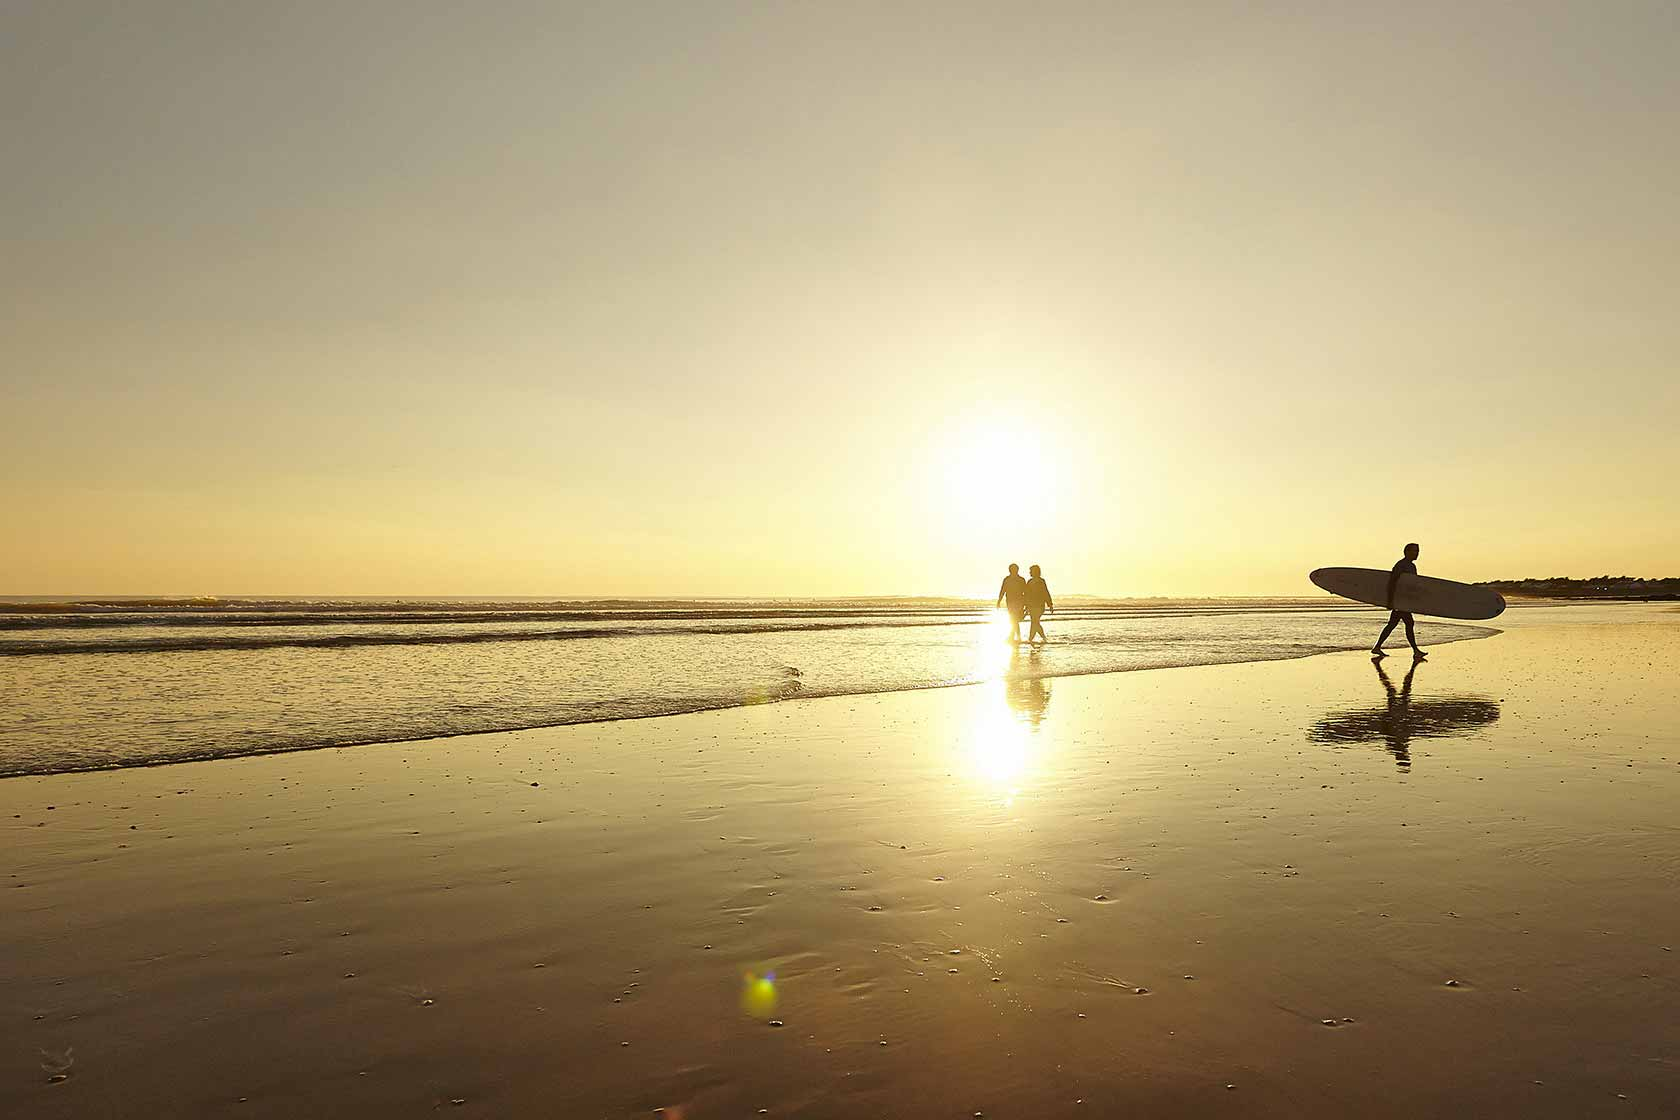 Véliplanchiste et randonneurs sur les plages du Marais poitevin au soleil couchant